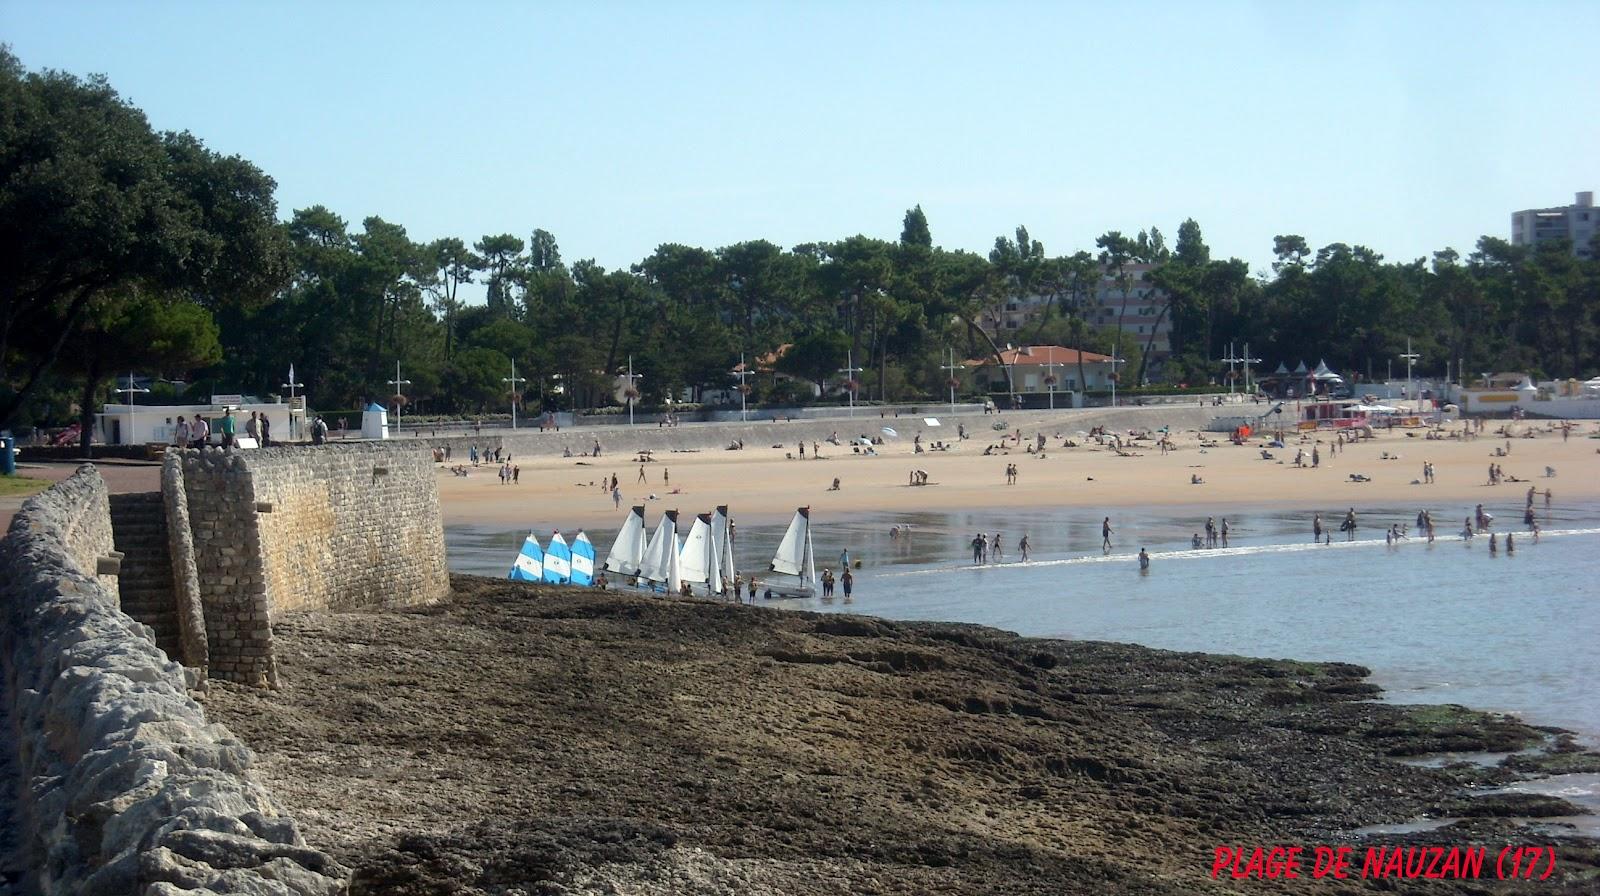 Les mille pattes de saintonge hippodrome de - Office du tourisme de saint palais sur mer ...